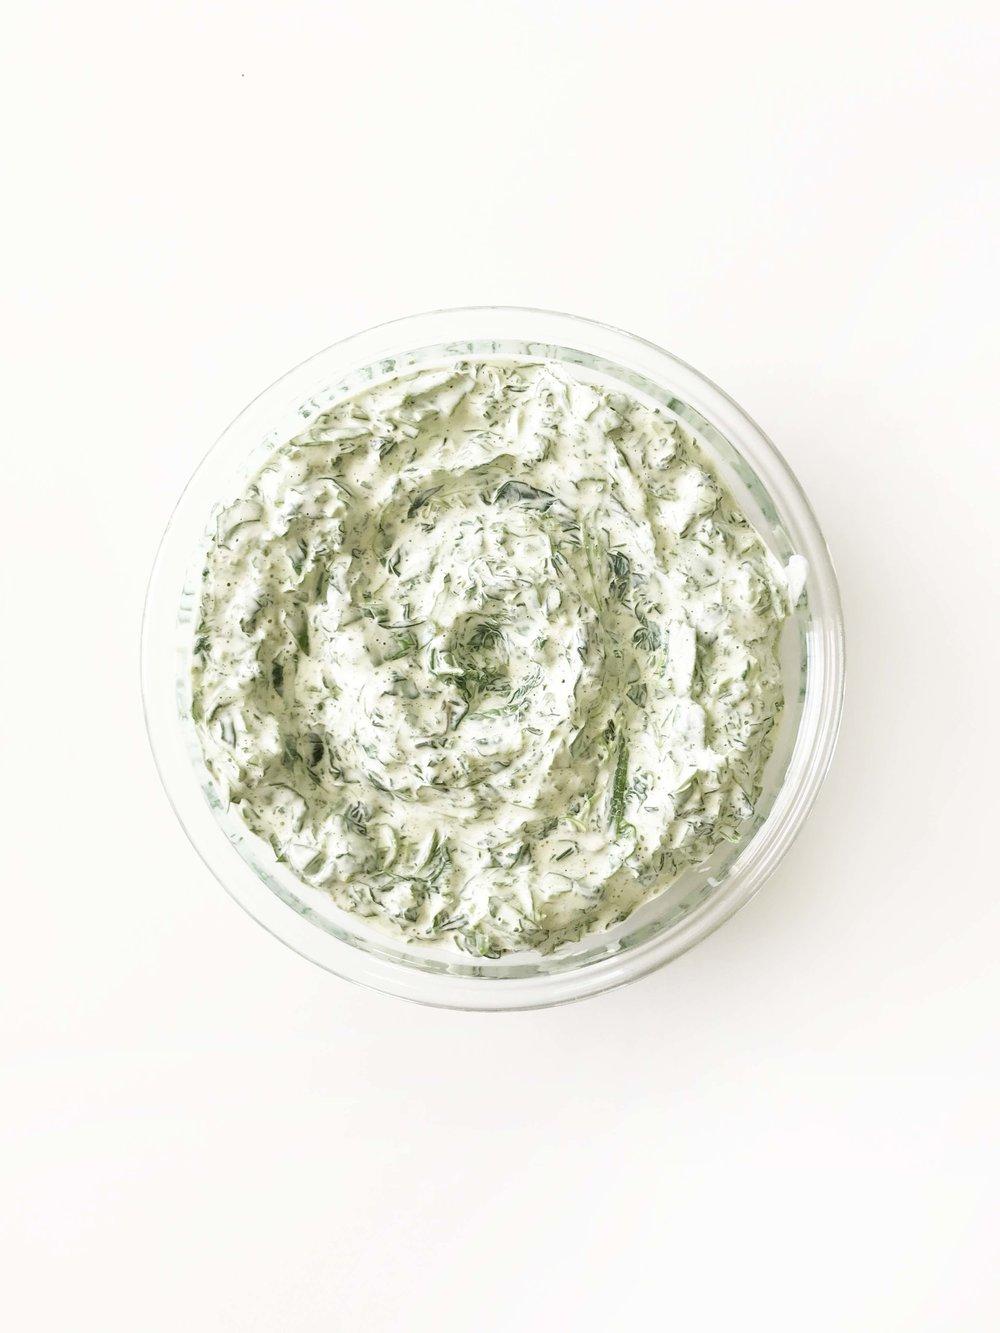 spinach-dip4.jpg